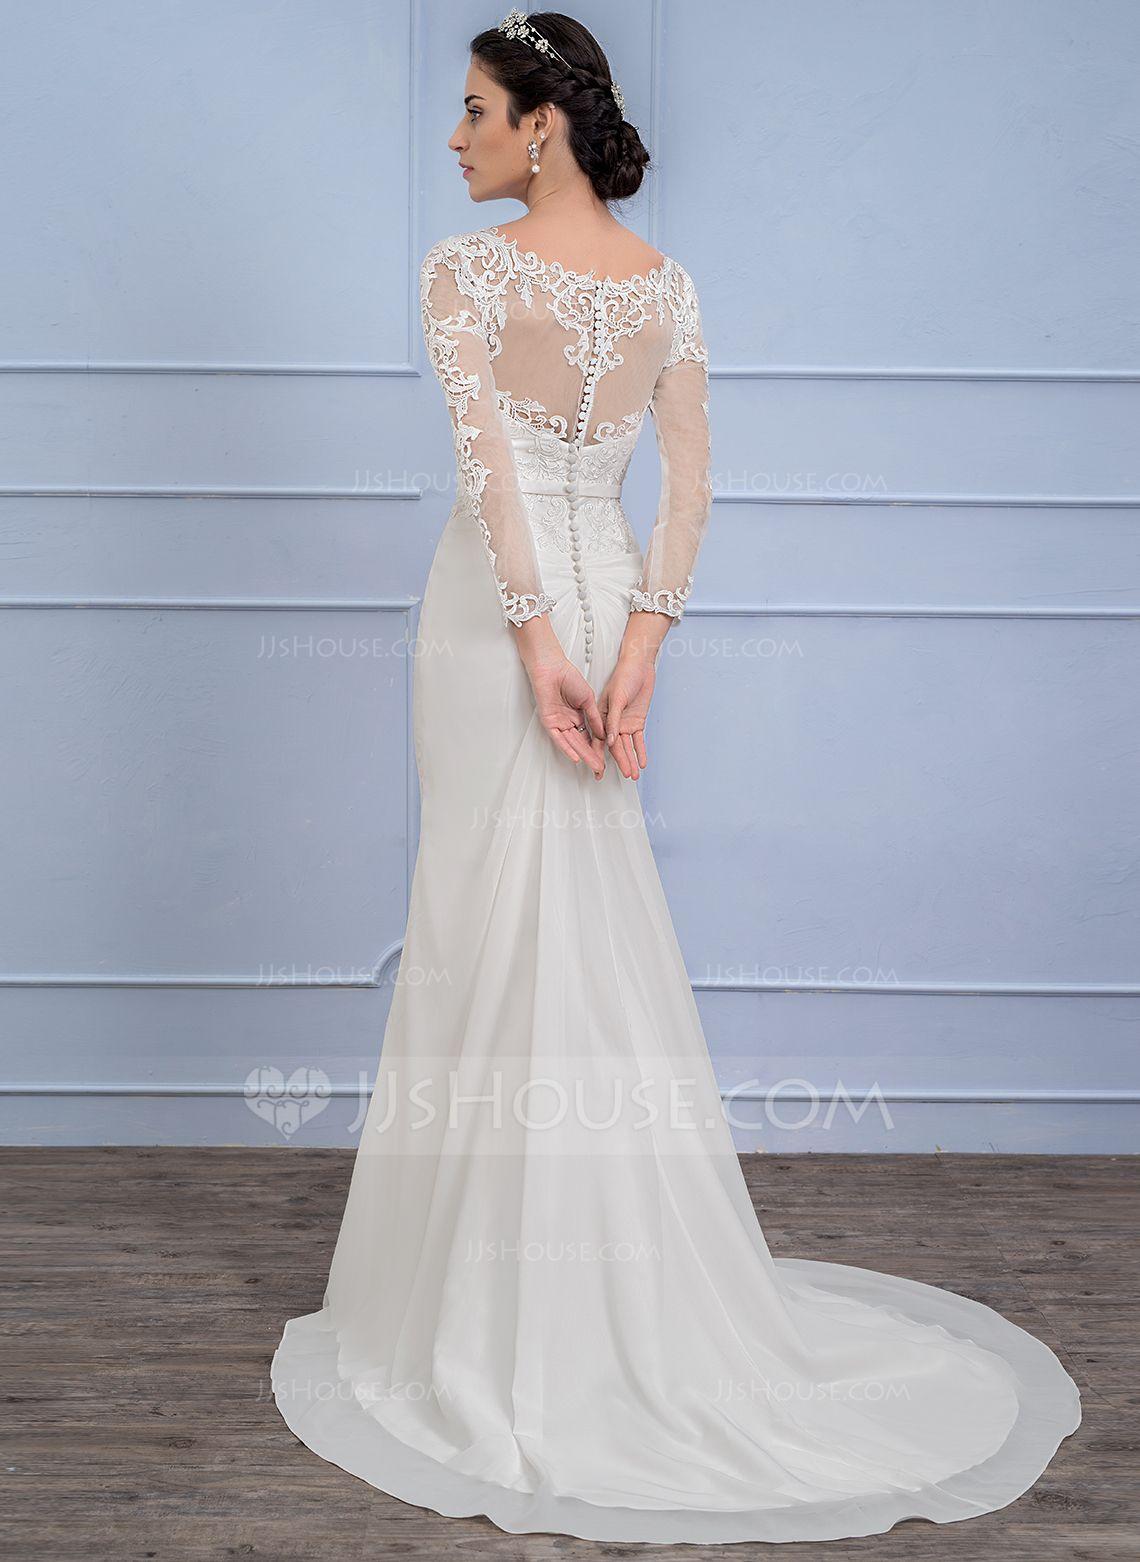 jjshouse bridal dresses off 20   medpharmres.com